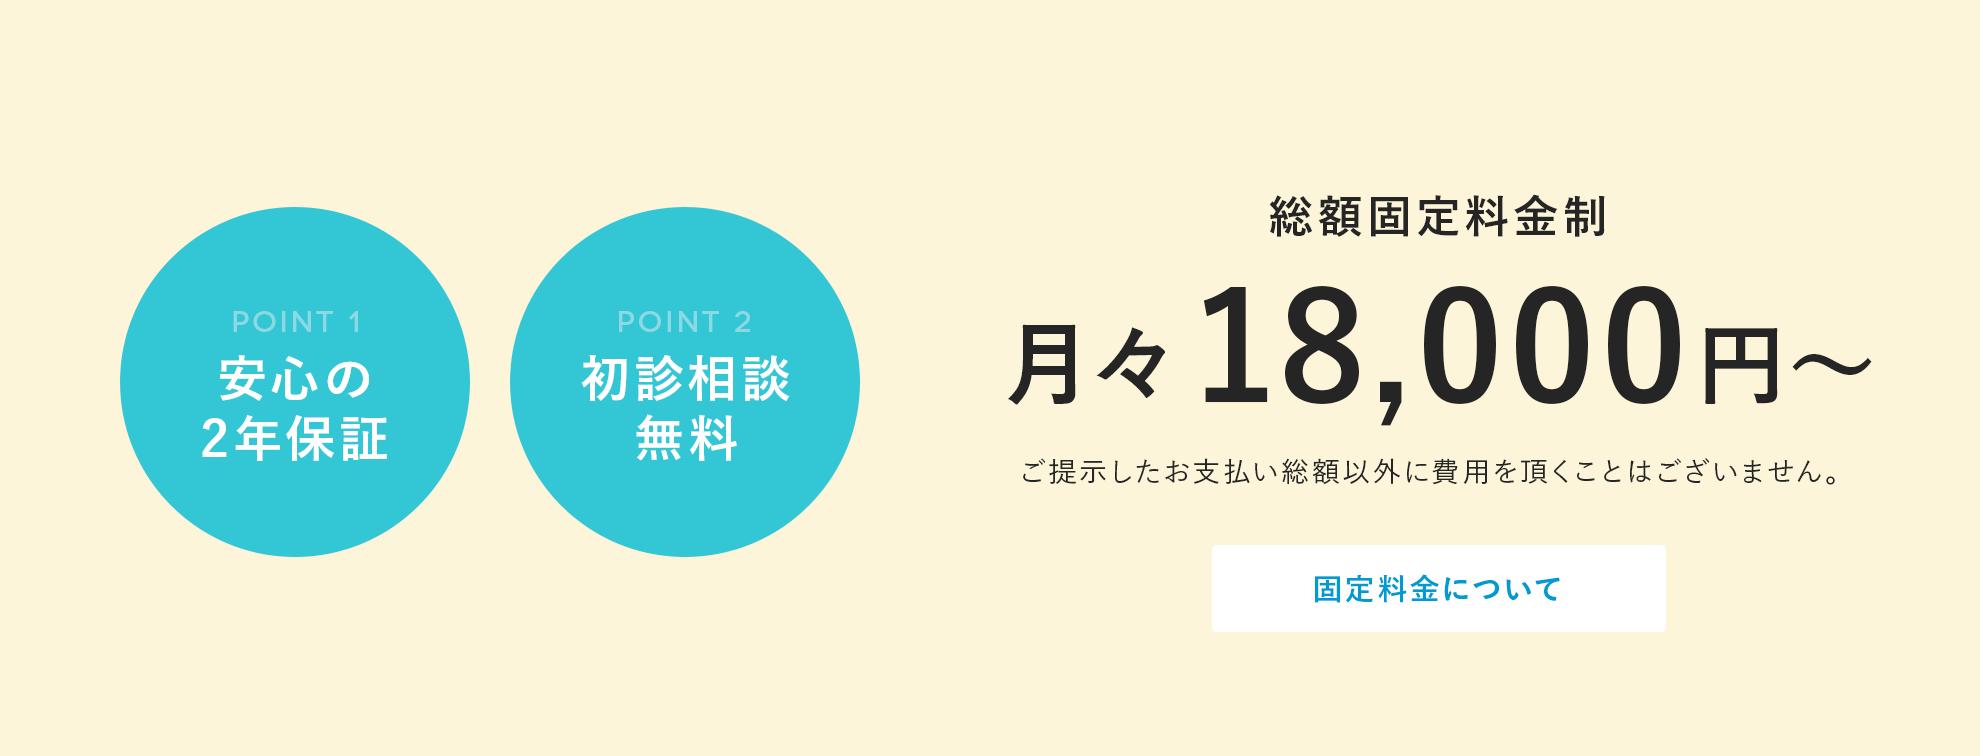 安心の2年保証、初診相談無料、総額固定料金制月々18,000円〜